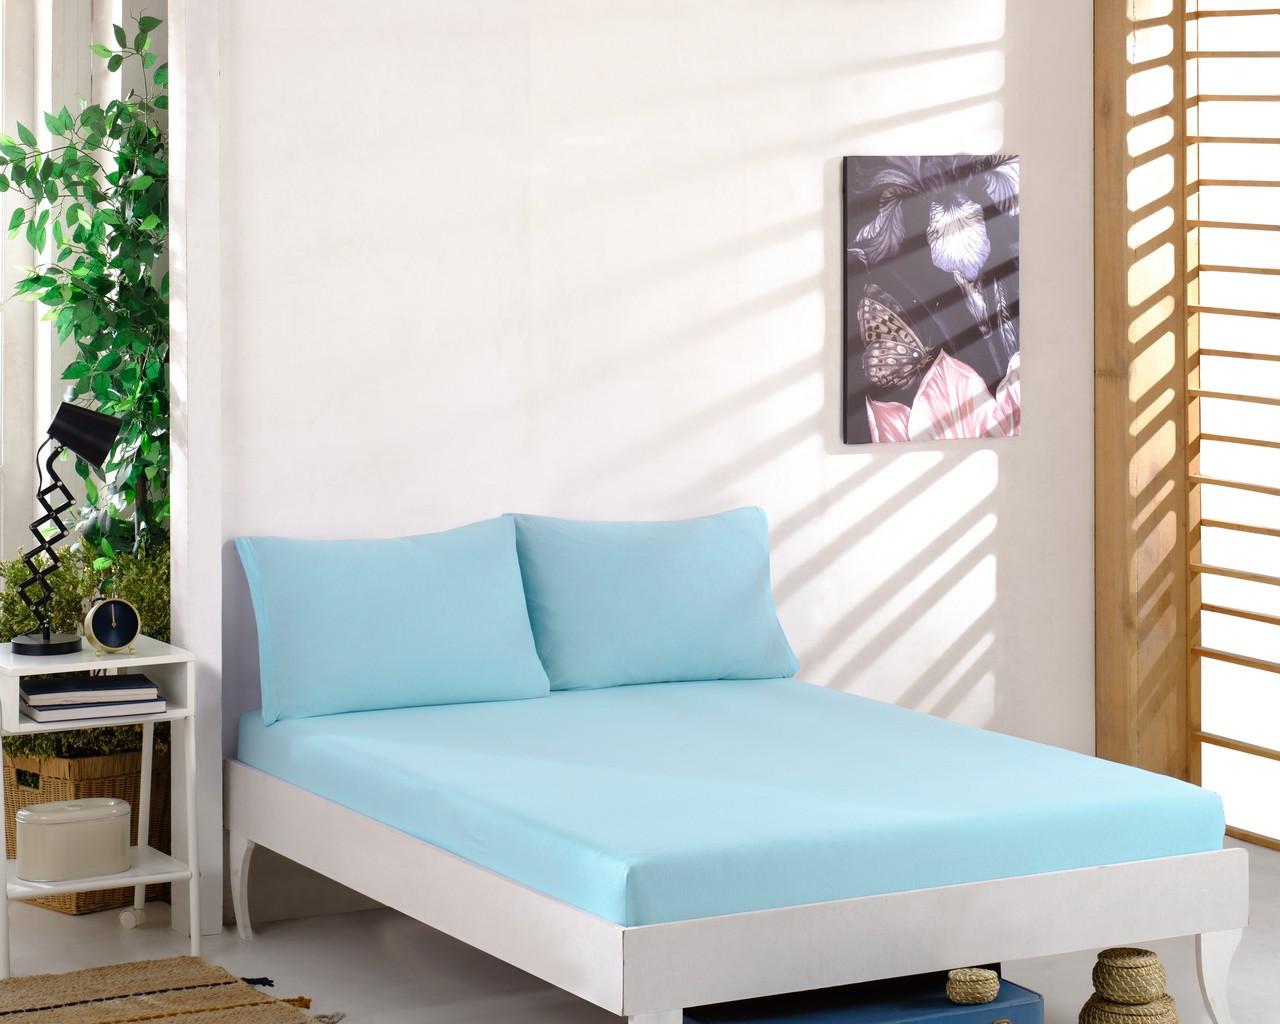 Простирадло трикотажна на резинці спальне місце 200 x 220 см, 2 наволочки 50*70 см Колір Бірюзовий